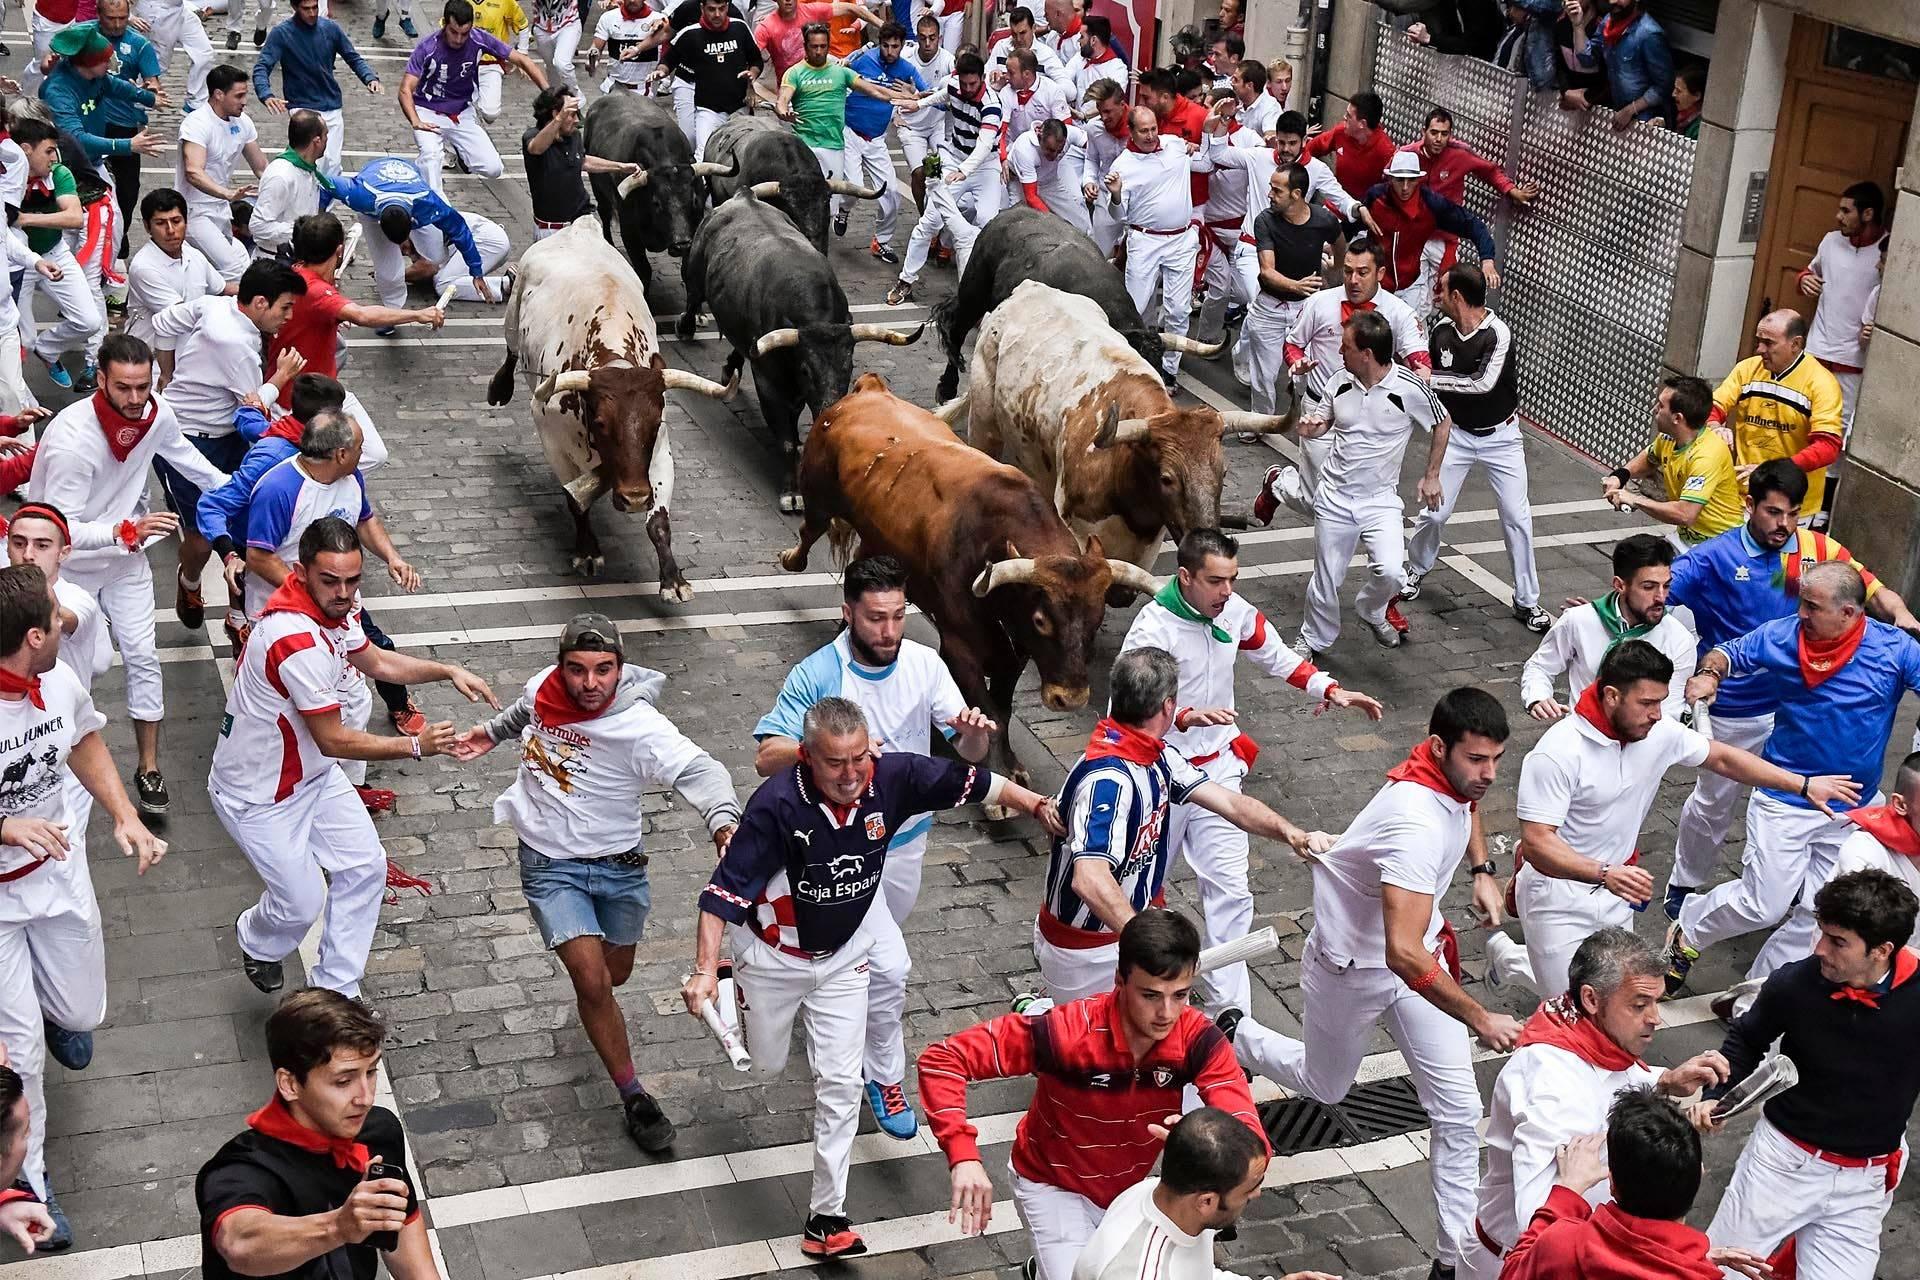 Фестиваль сан-фермин в памплоне в 2021 году: бег с быками